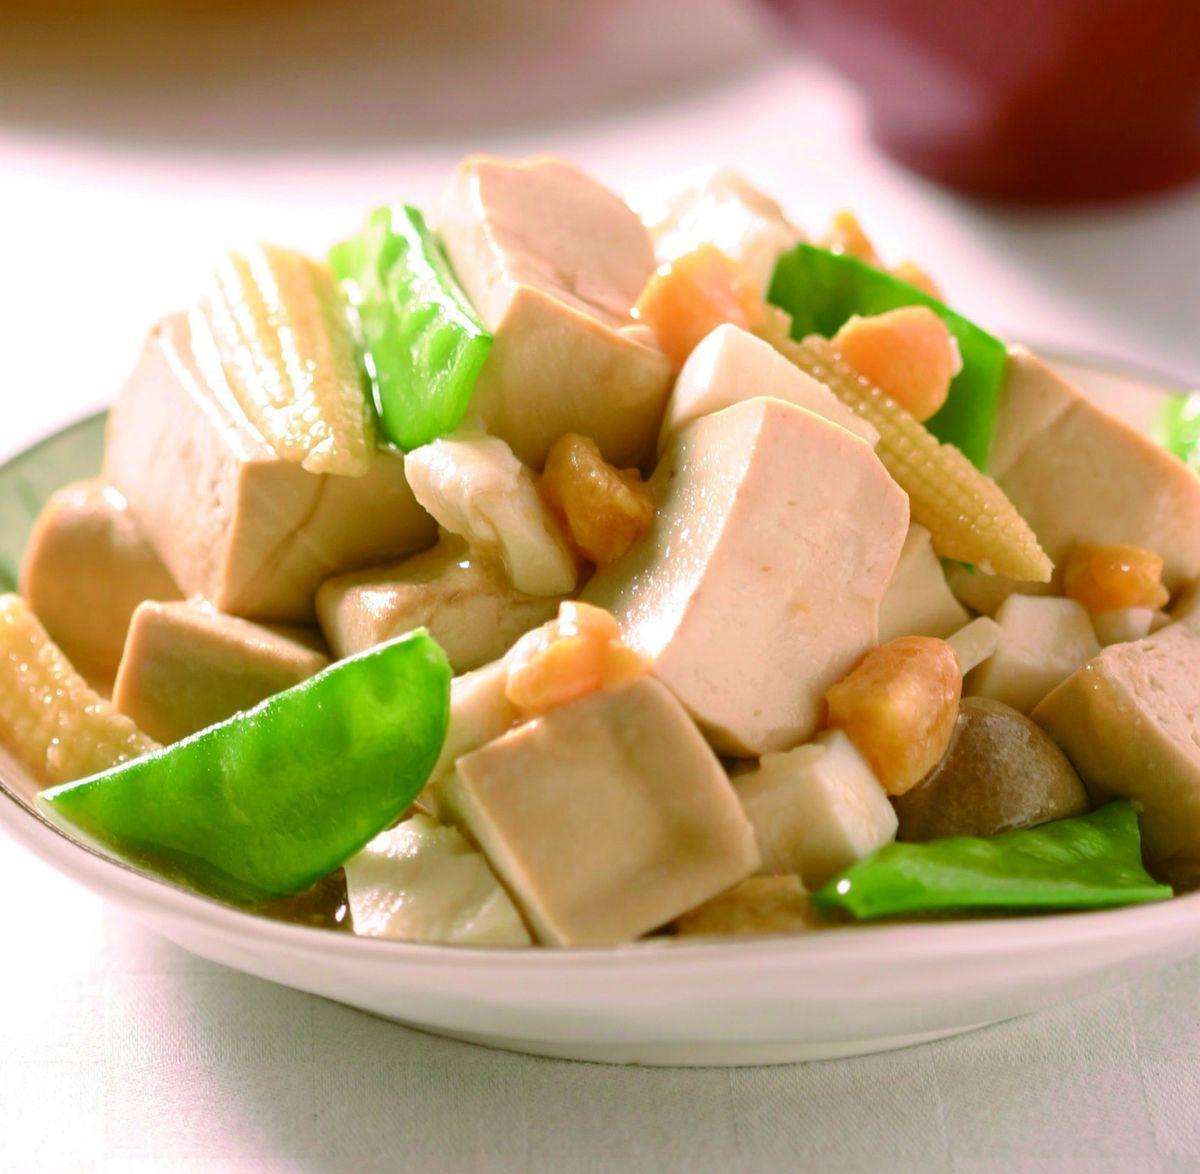 食譜:鹹蛋燴豆腐